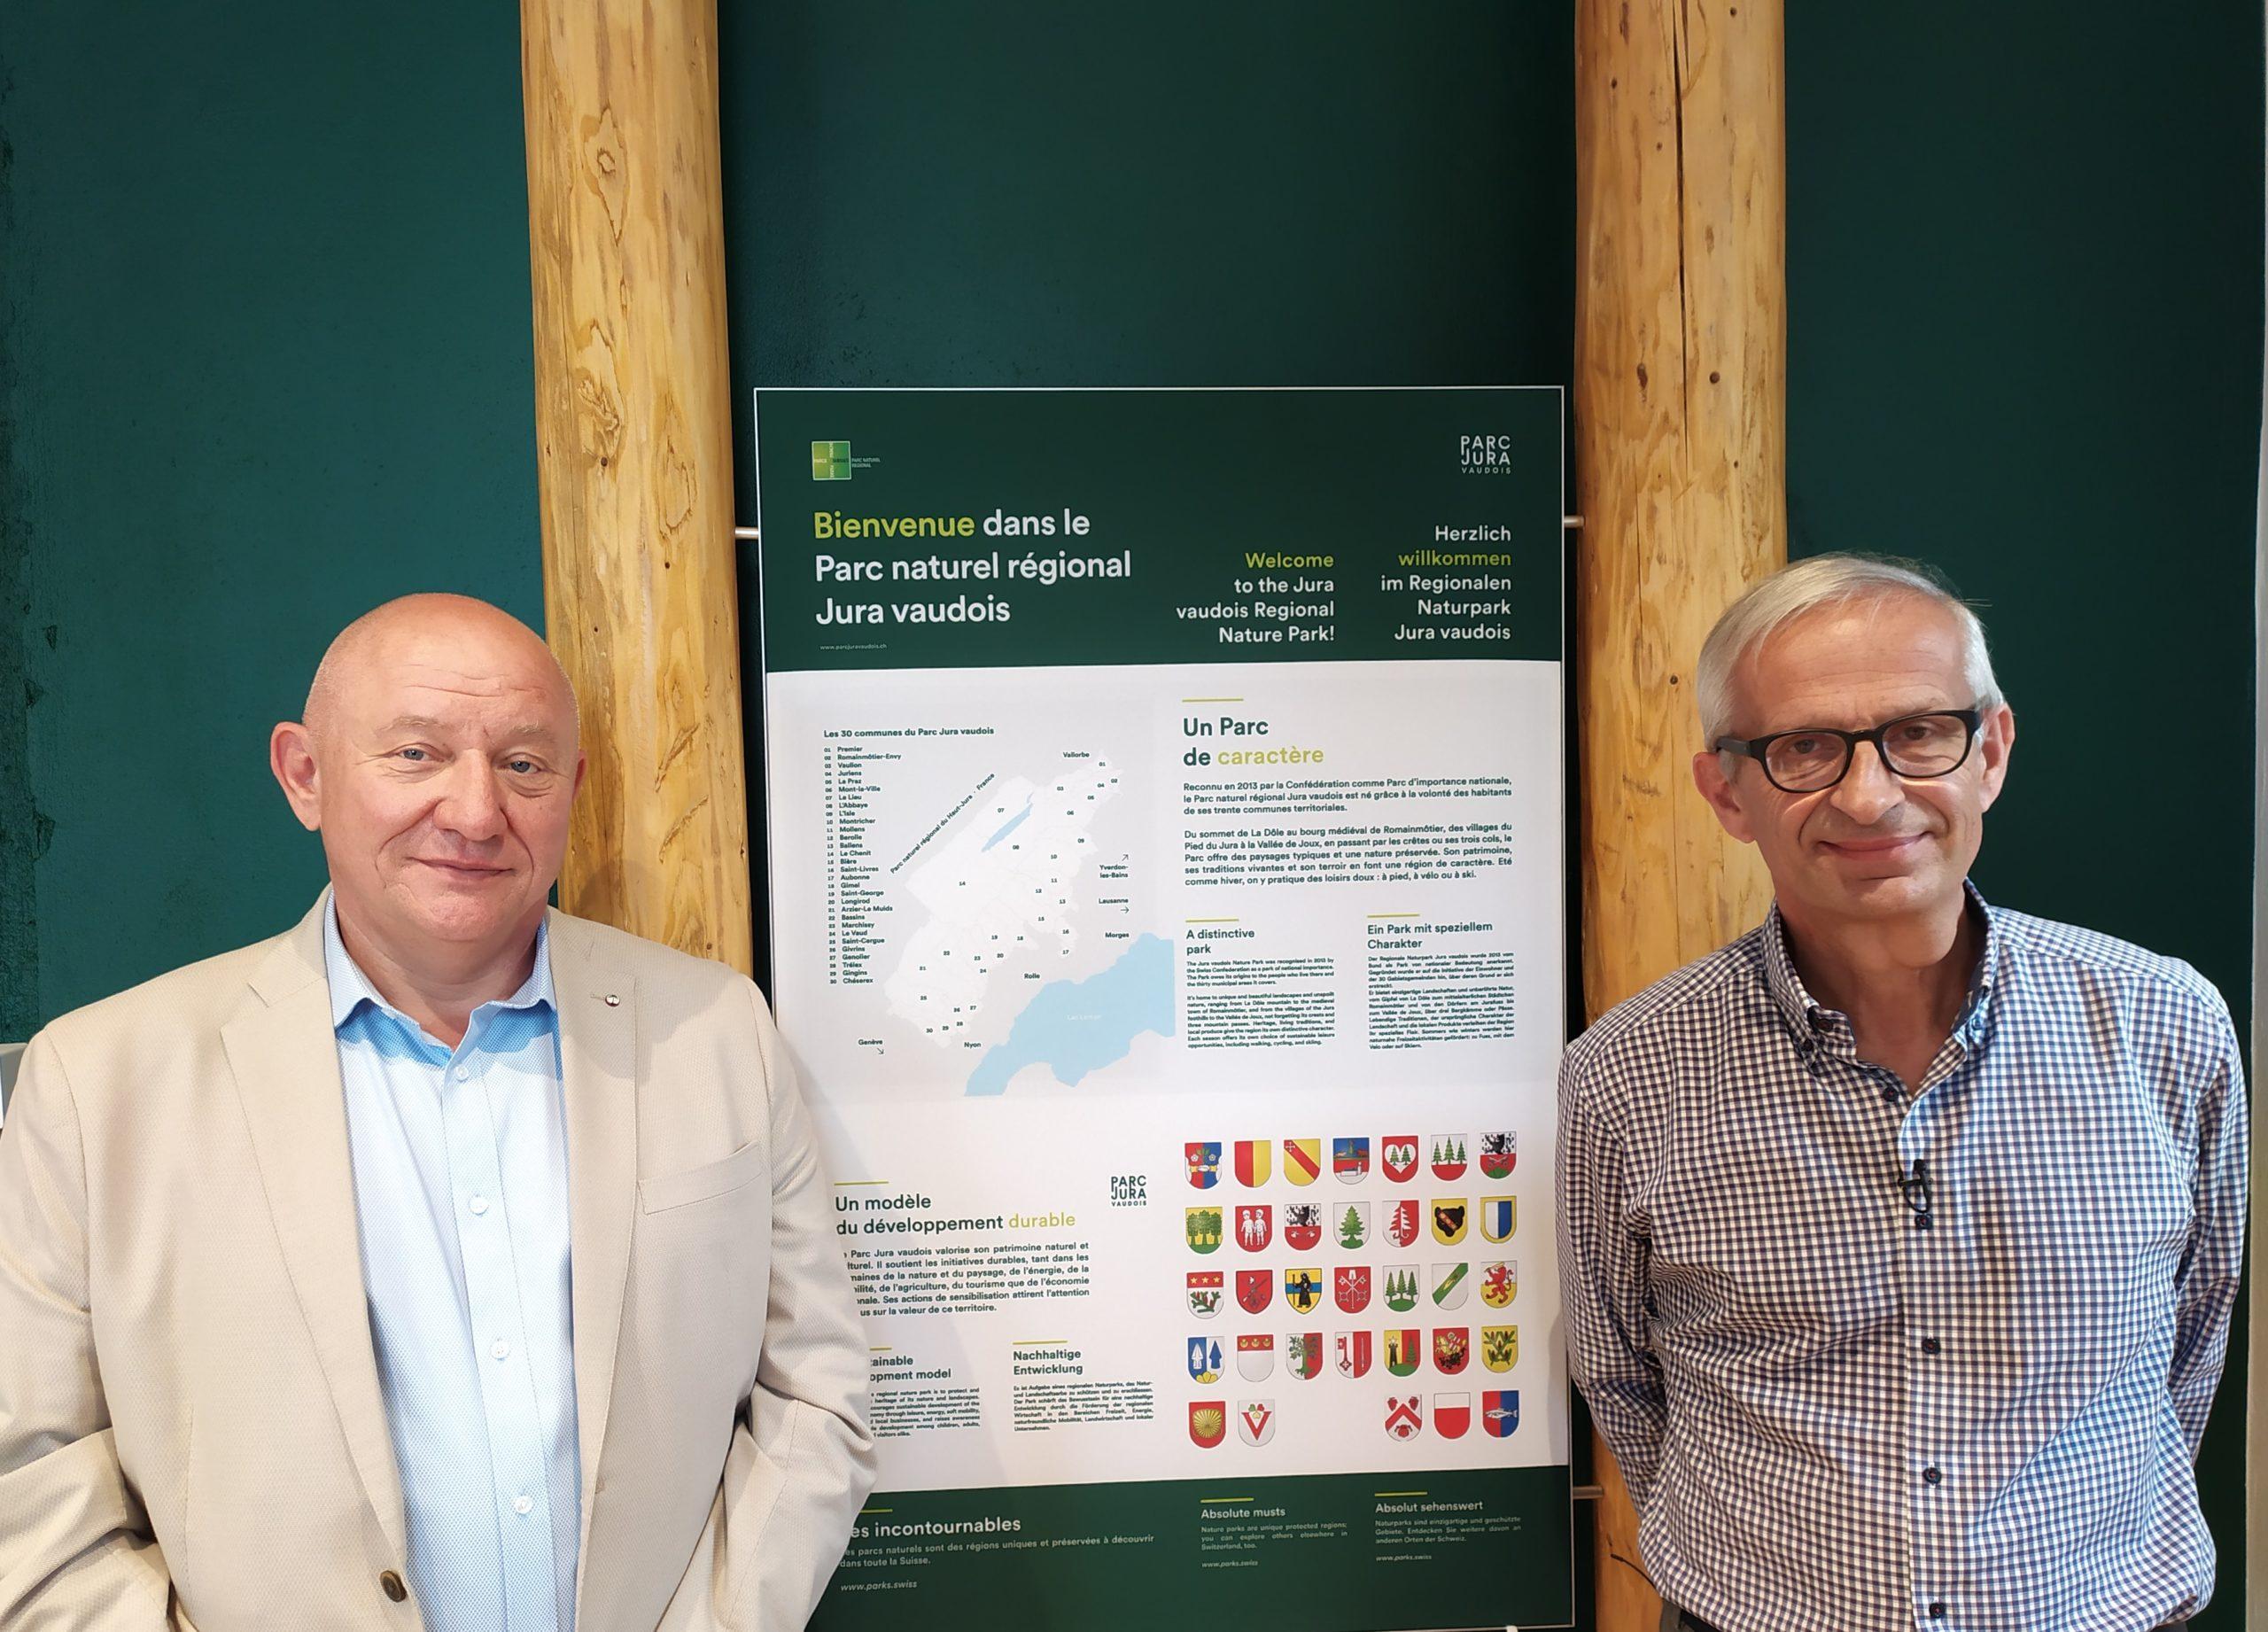 Nouveaux visages pour le Parc du Jura vaudois